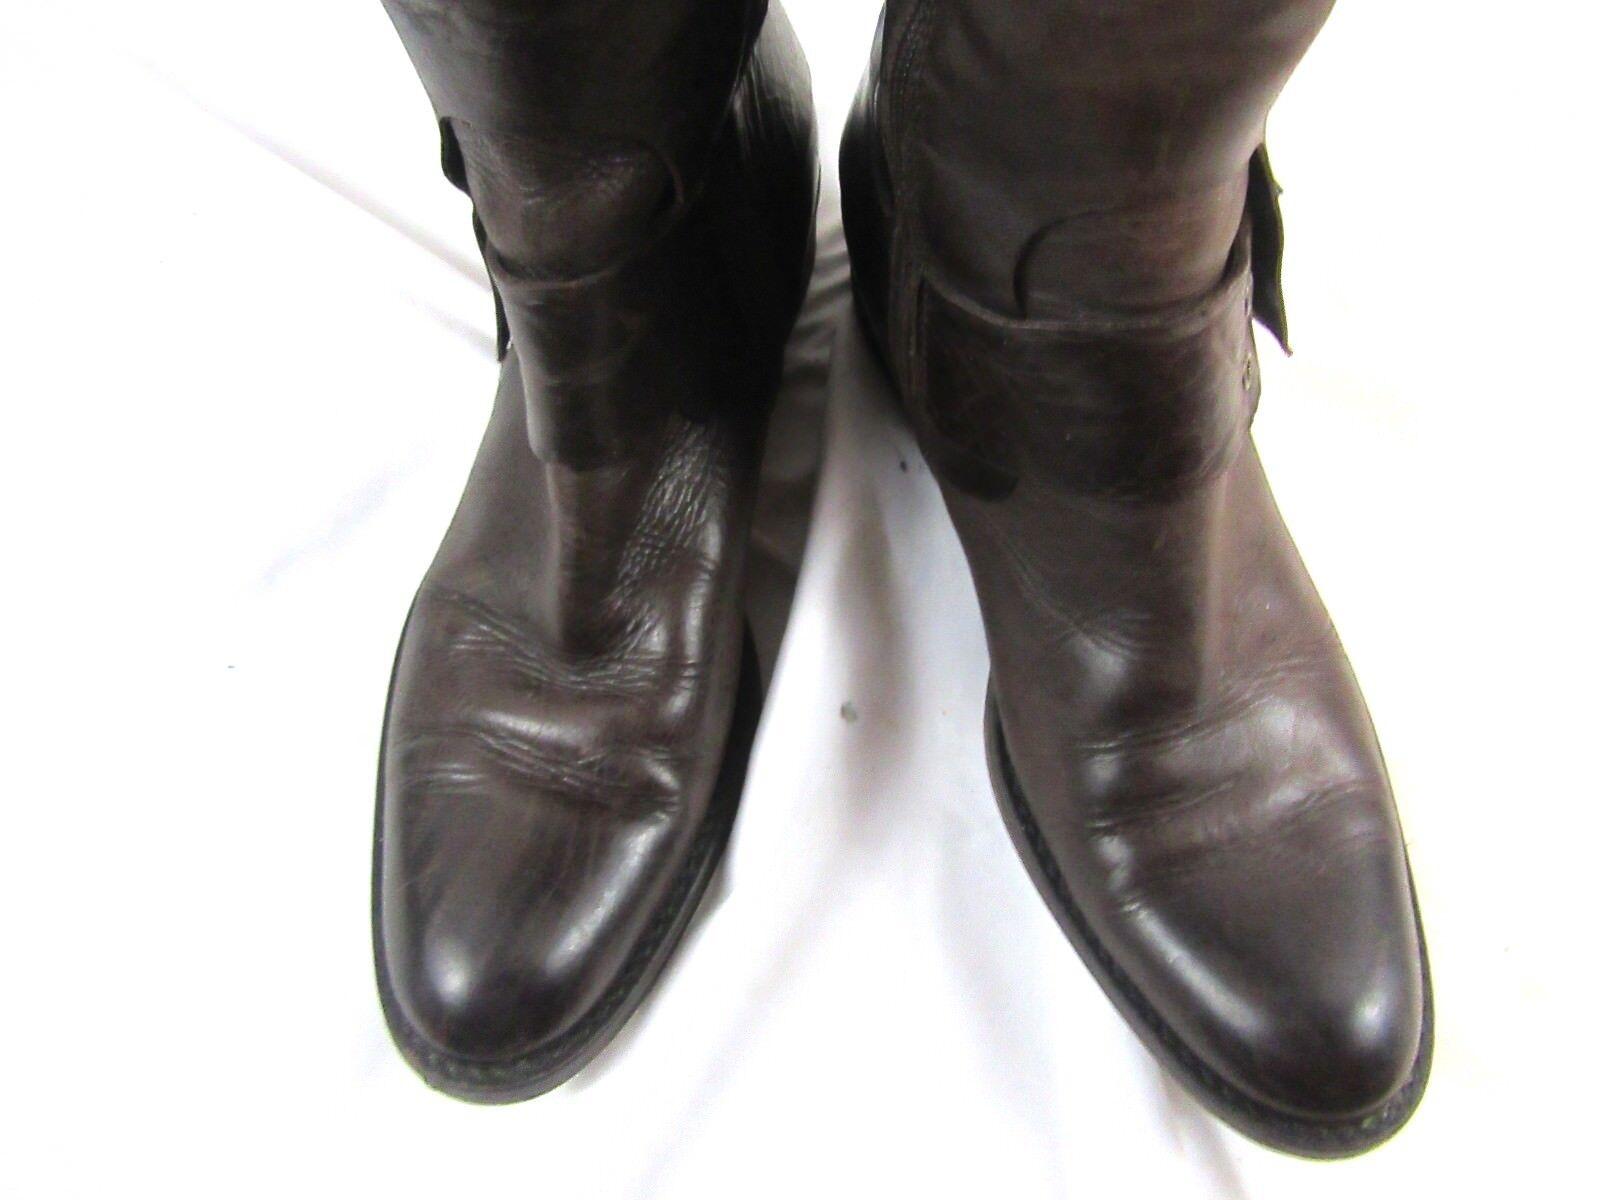 Damenschuhe Damenschuhe Damenschuhe Cordani Calf high Braun Leder Stiefel, buckle, side zip, Größe 8 B  07dad3